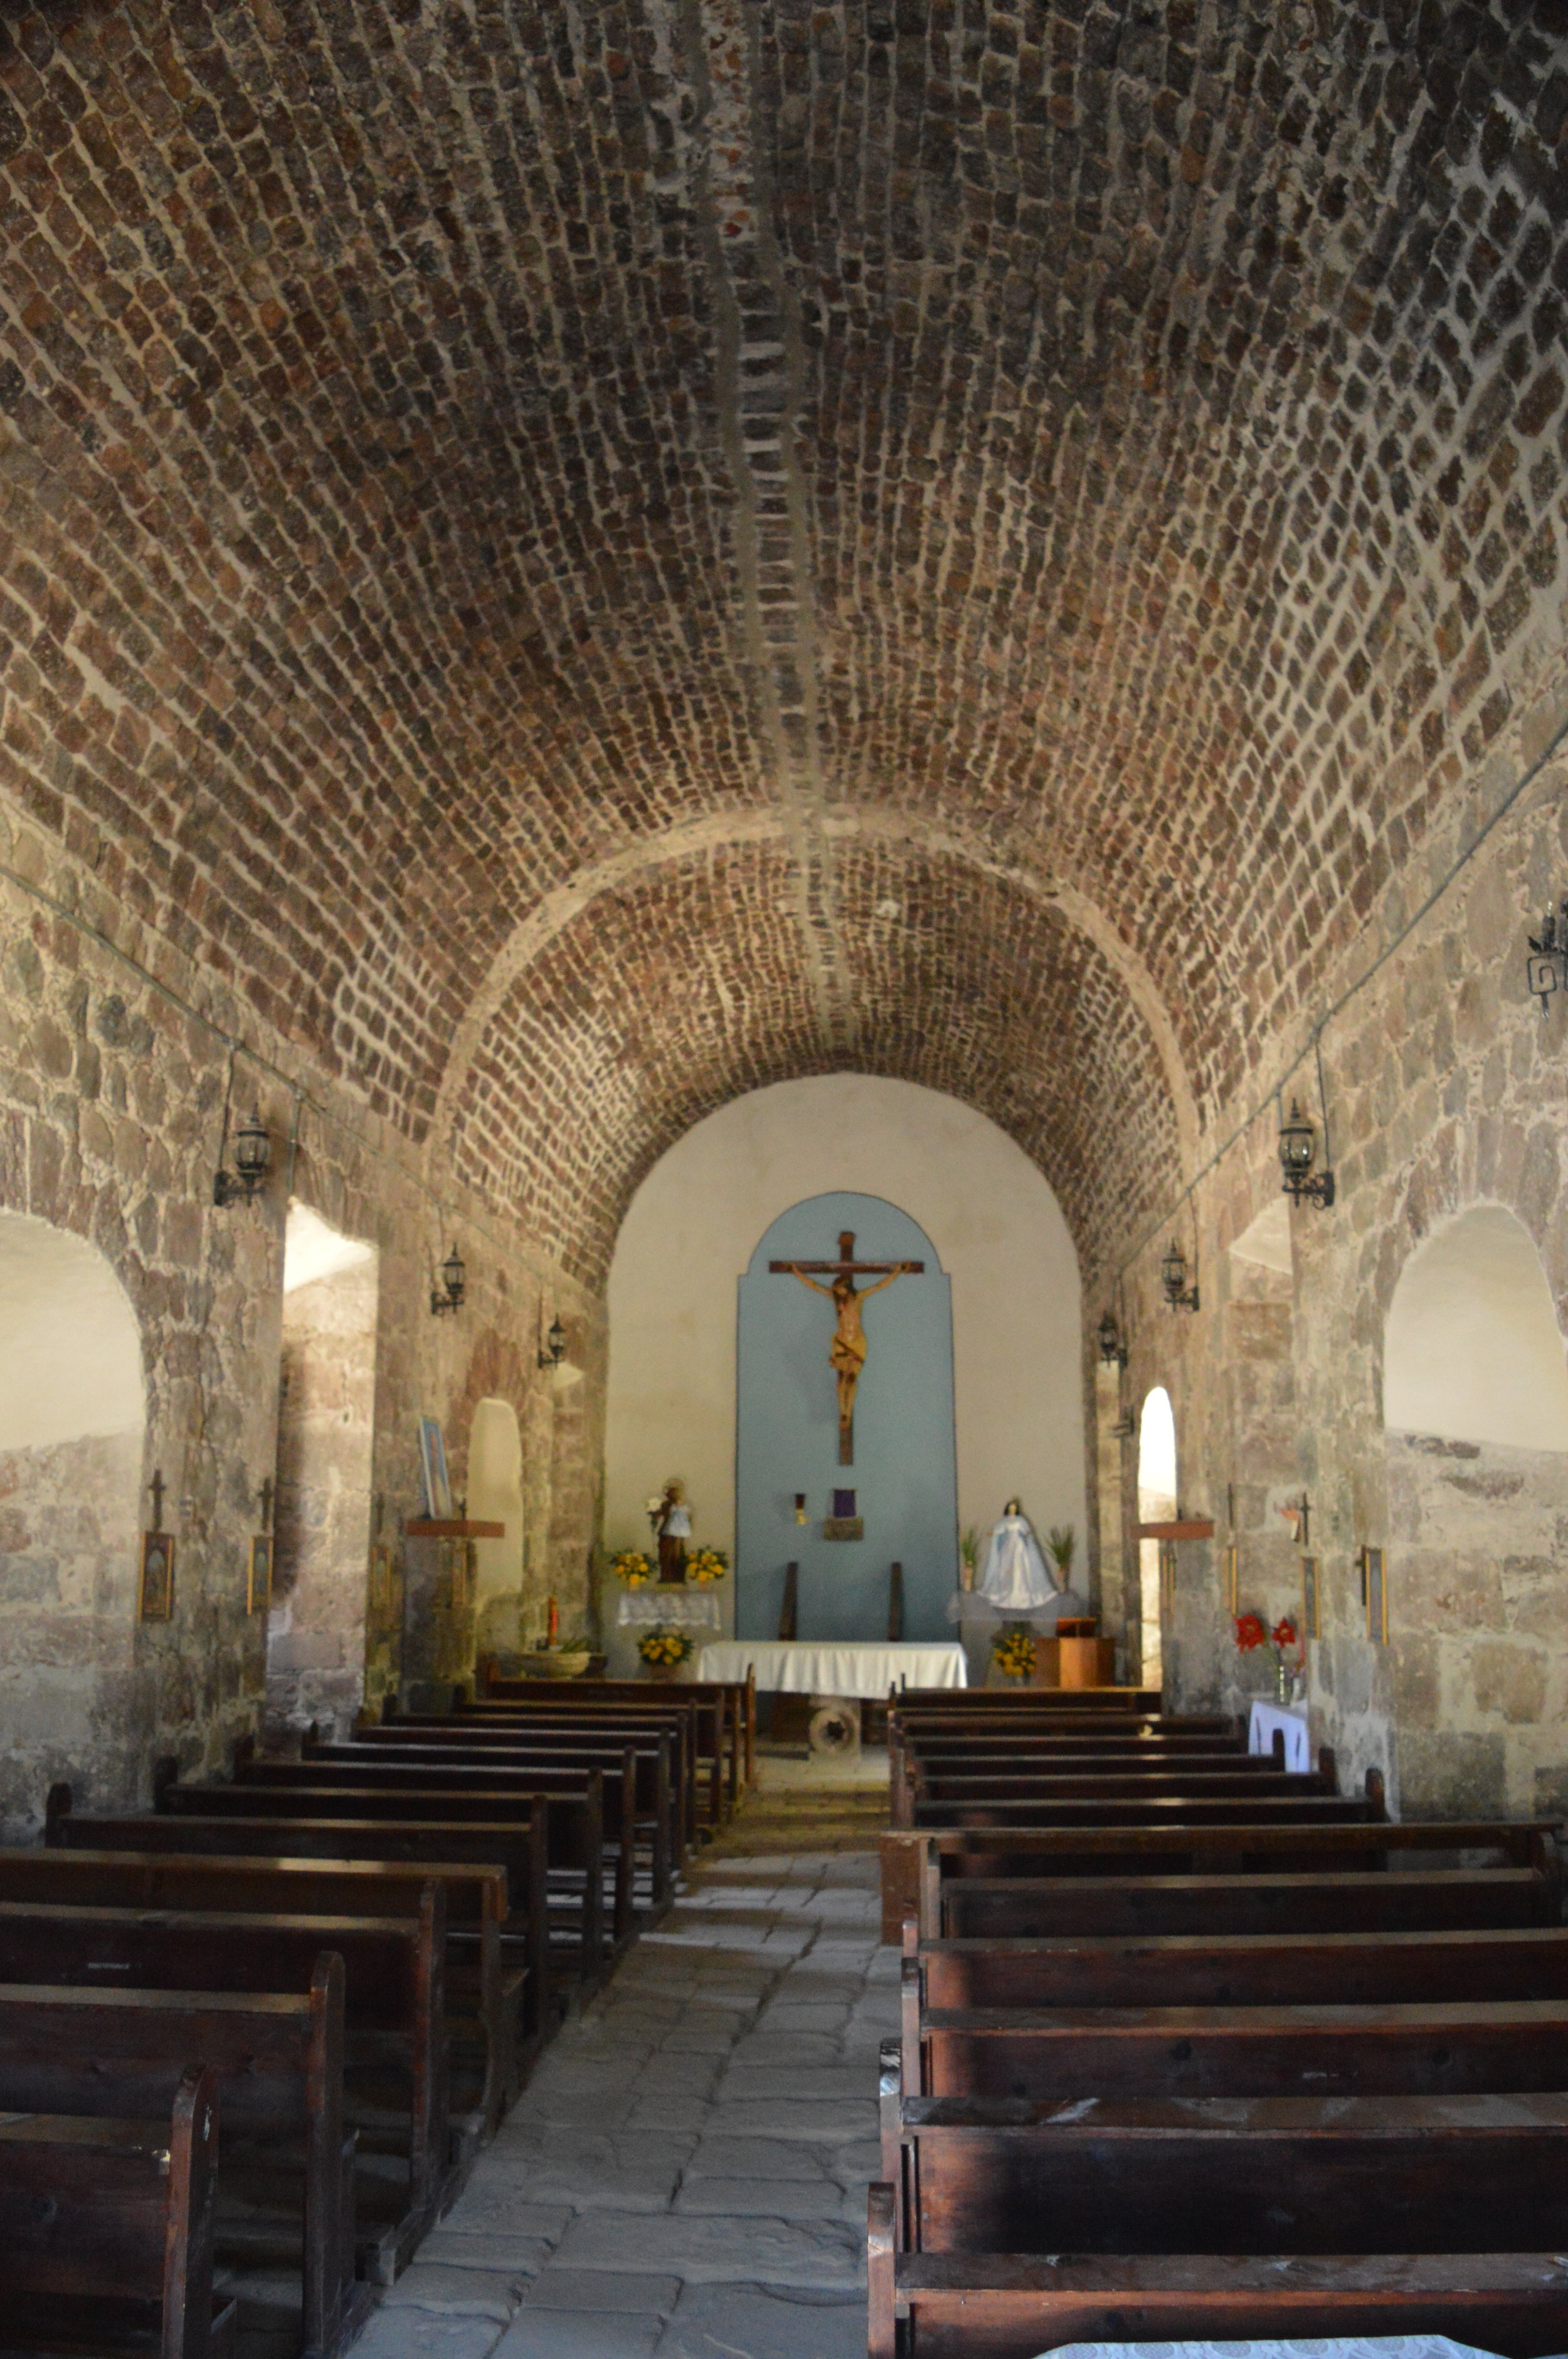 Inside Mision San Jose de Comondu